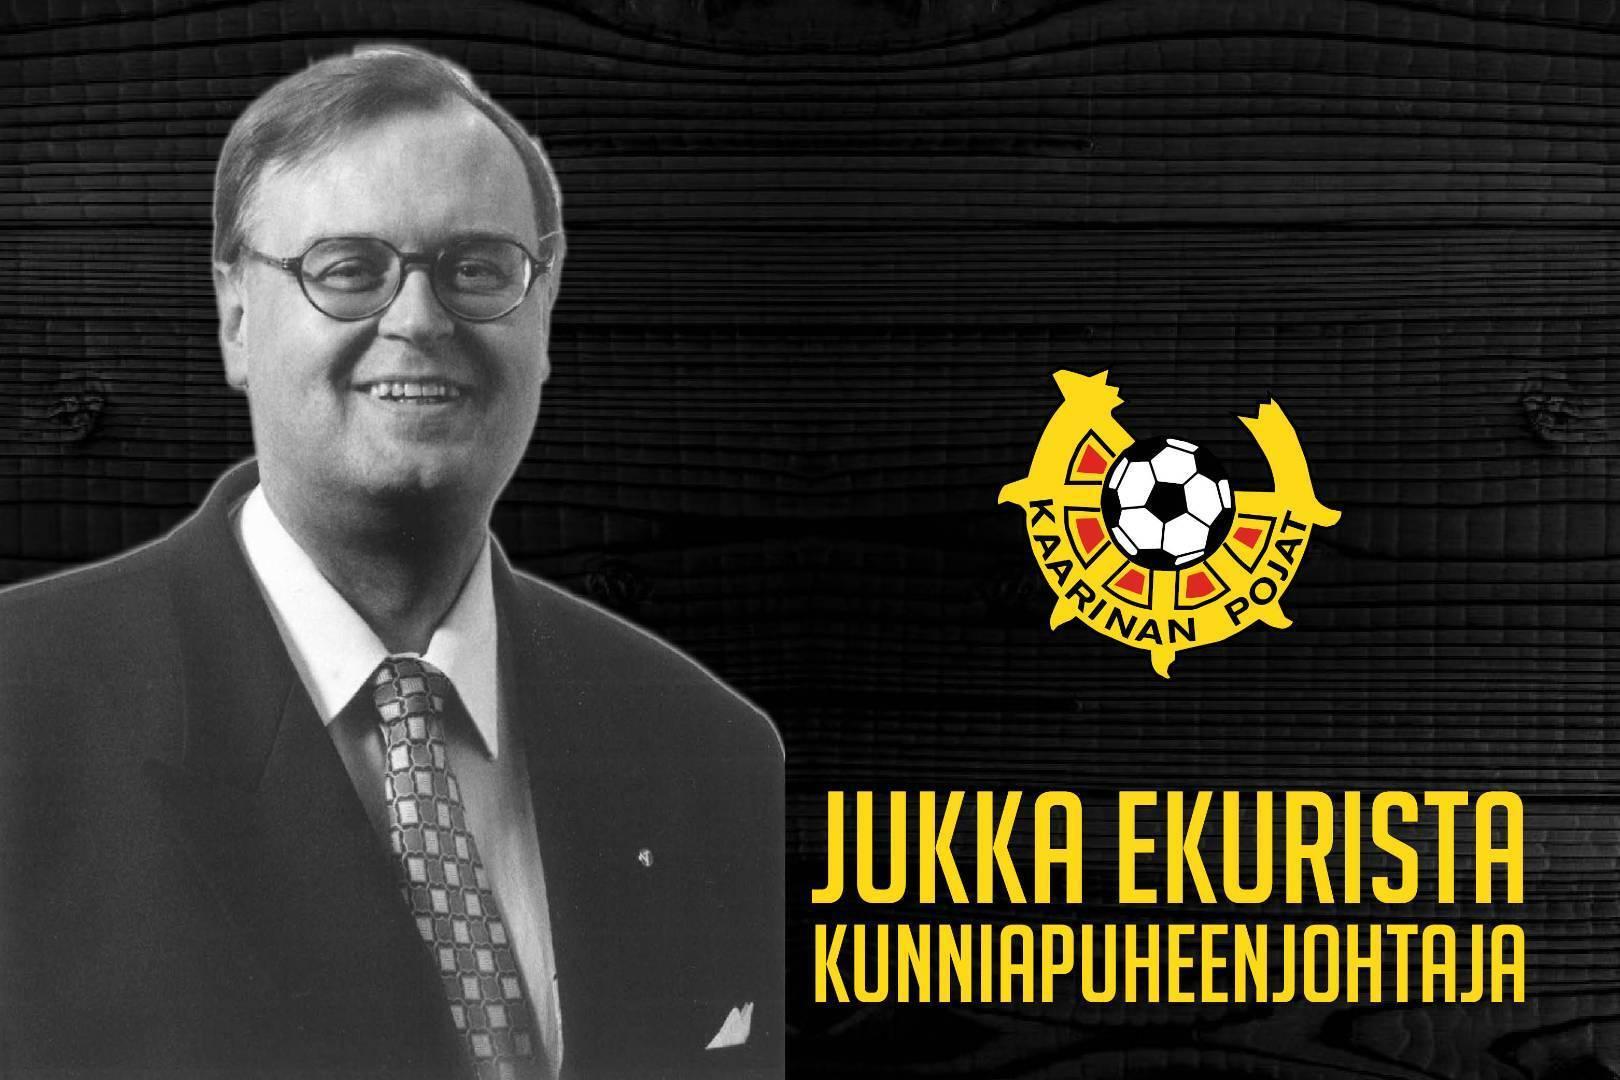 KaaPon kevätkokous kutsui Jukka Ekurin kunniapuheenjohtajaksi